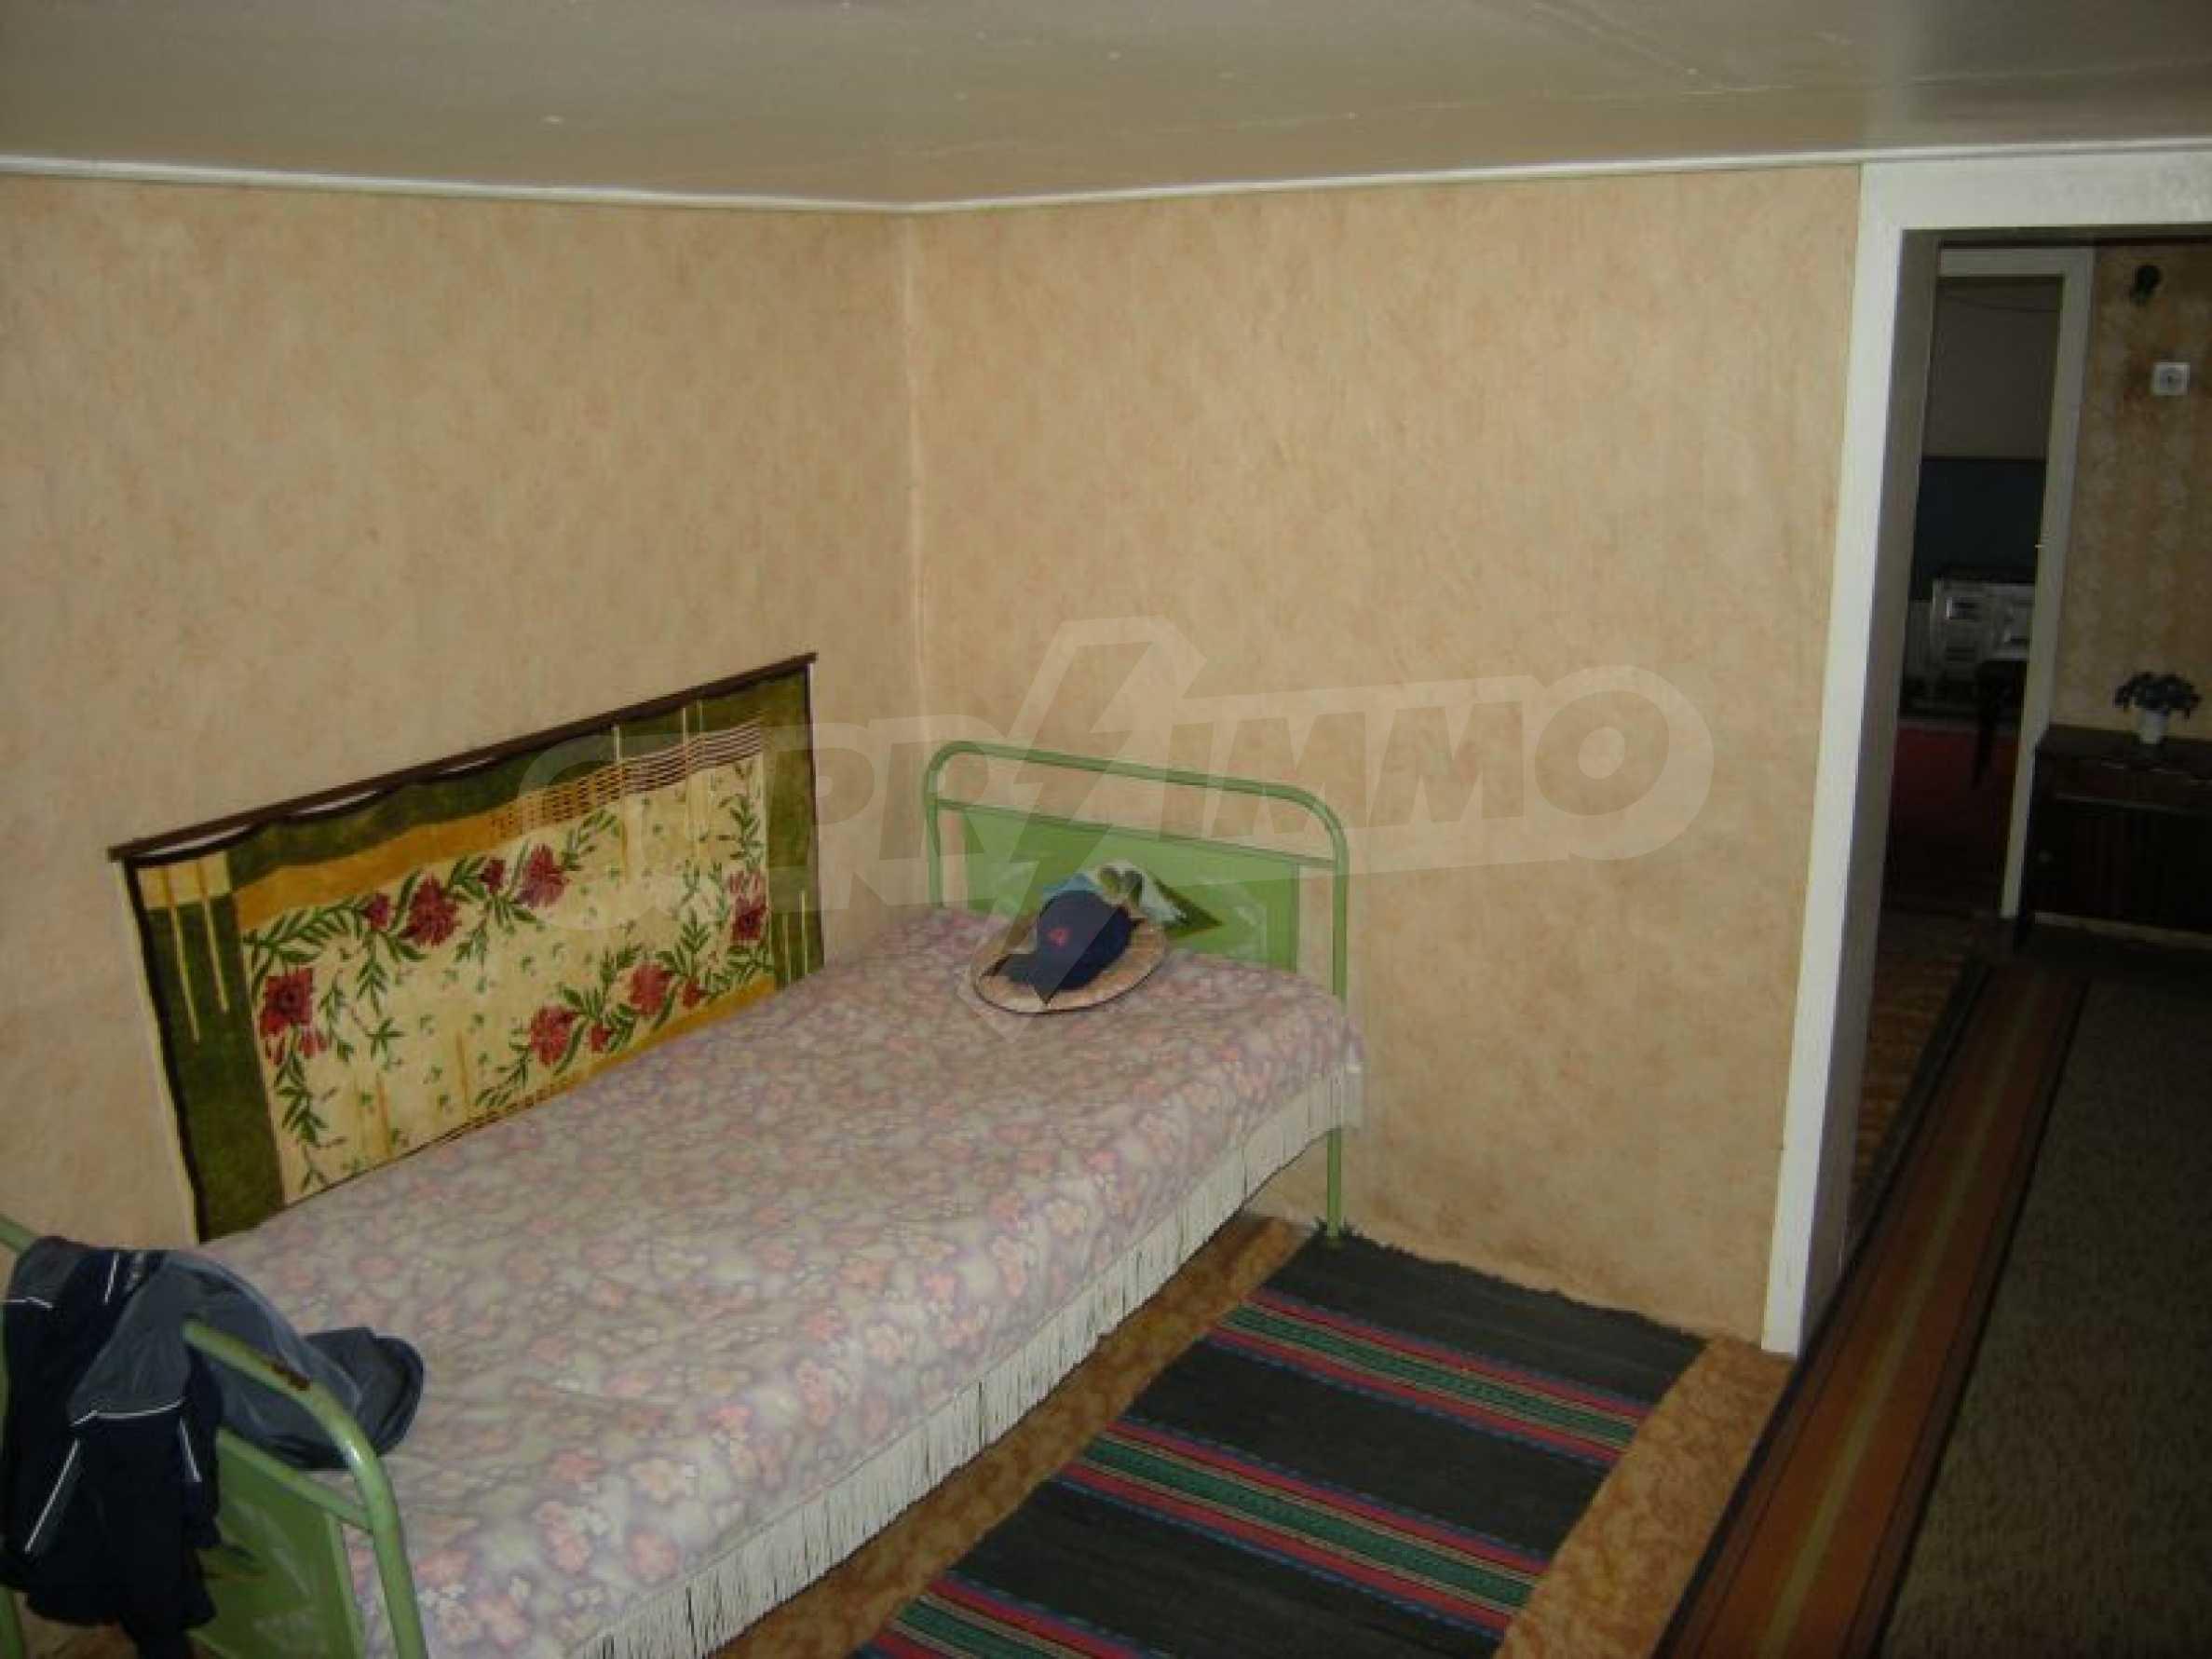 House for sale near Haskovo 5